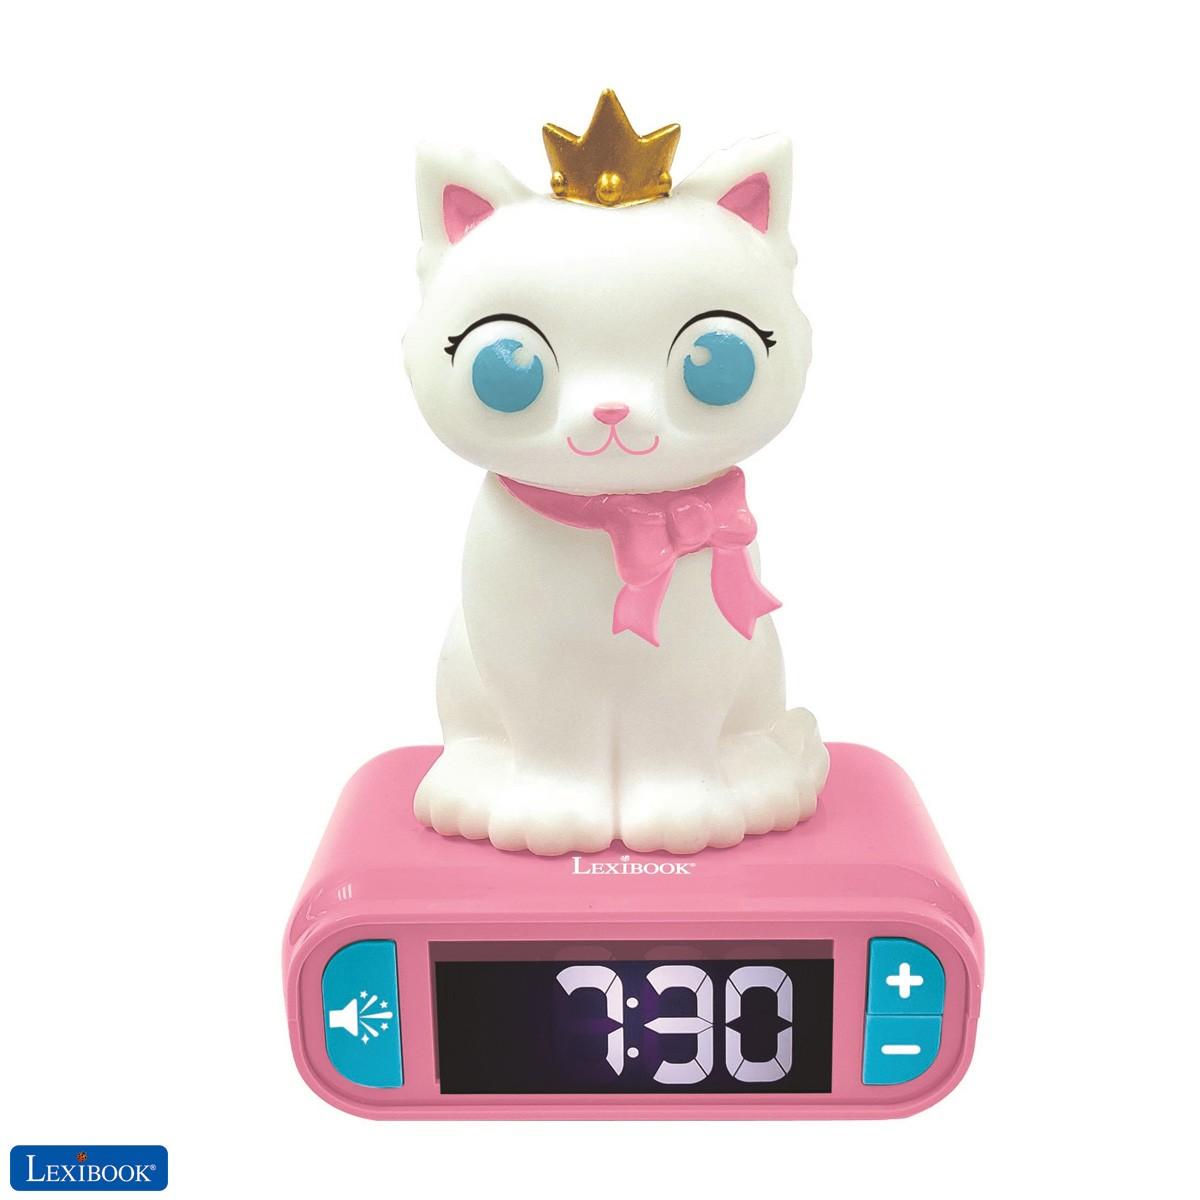 Despertador Gatito con pantalla LCD digital y luz de noche integrada